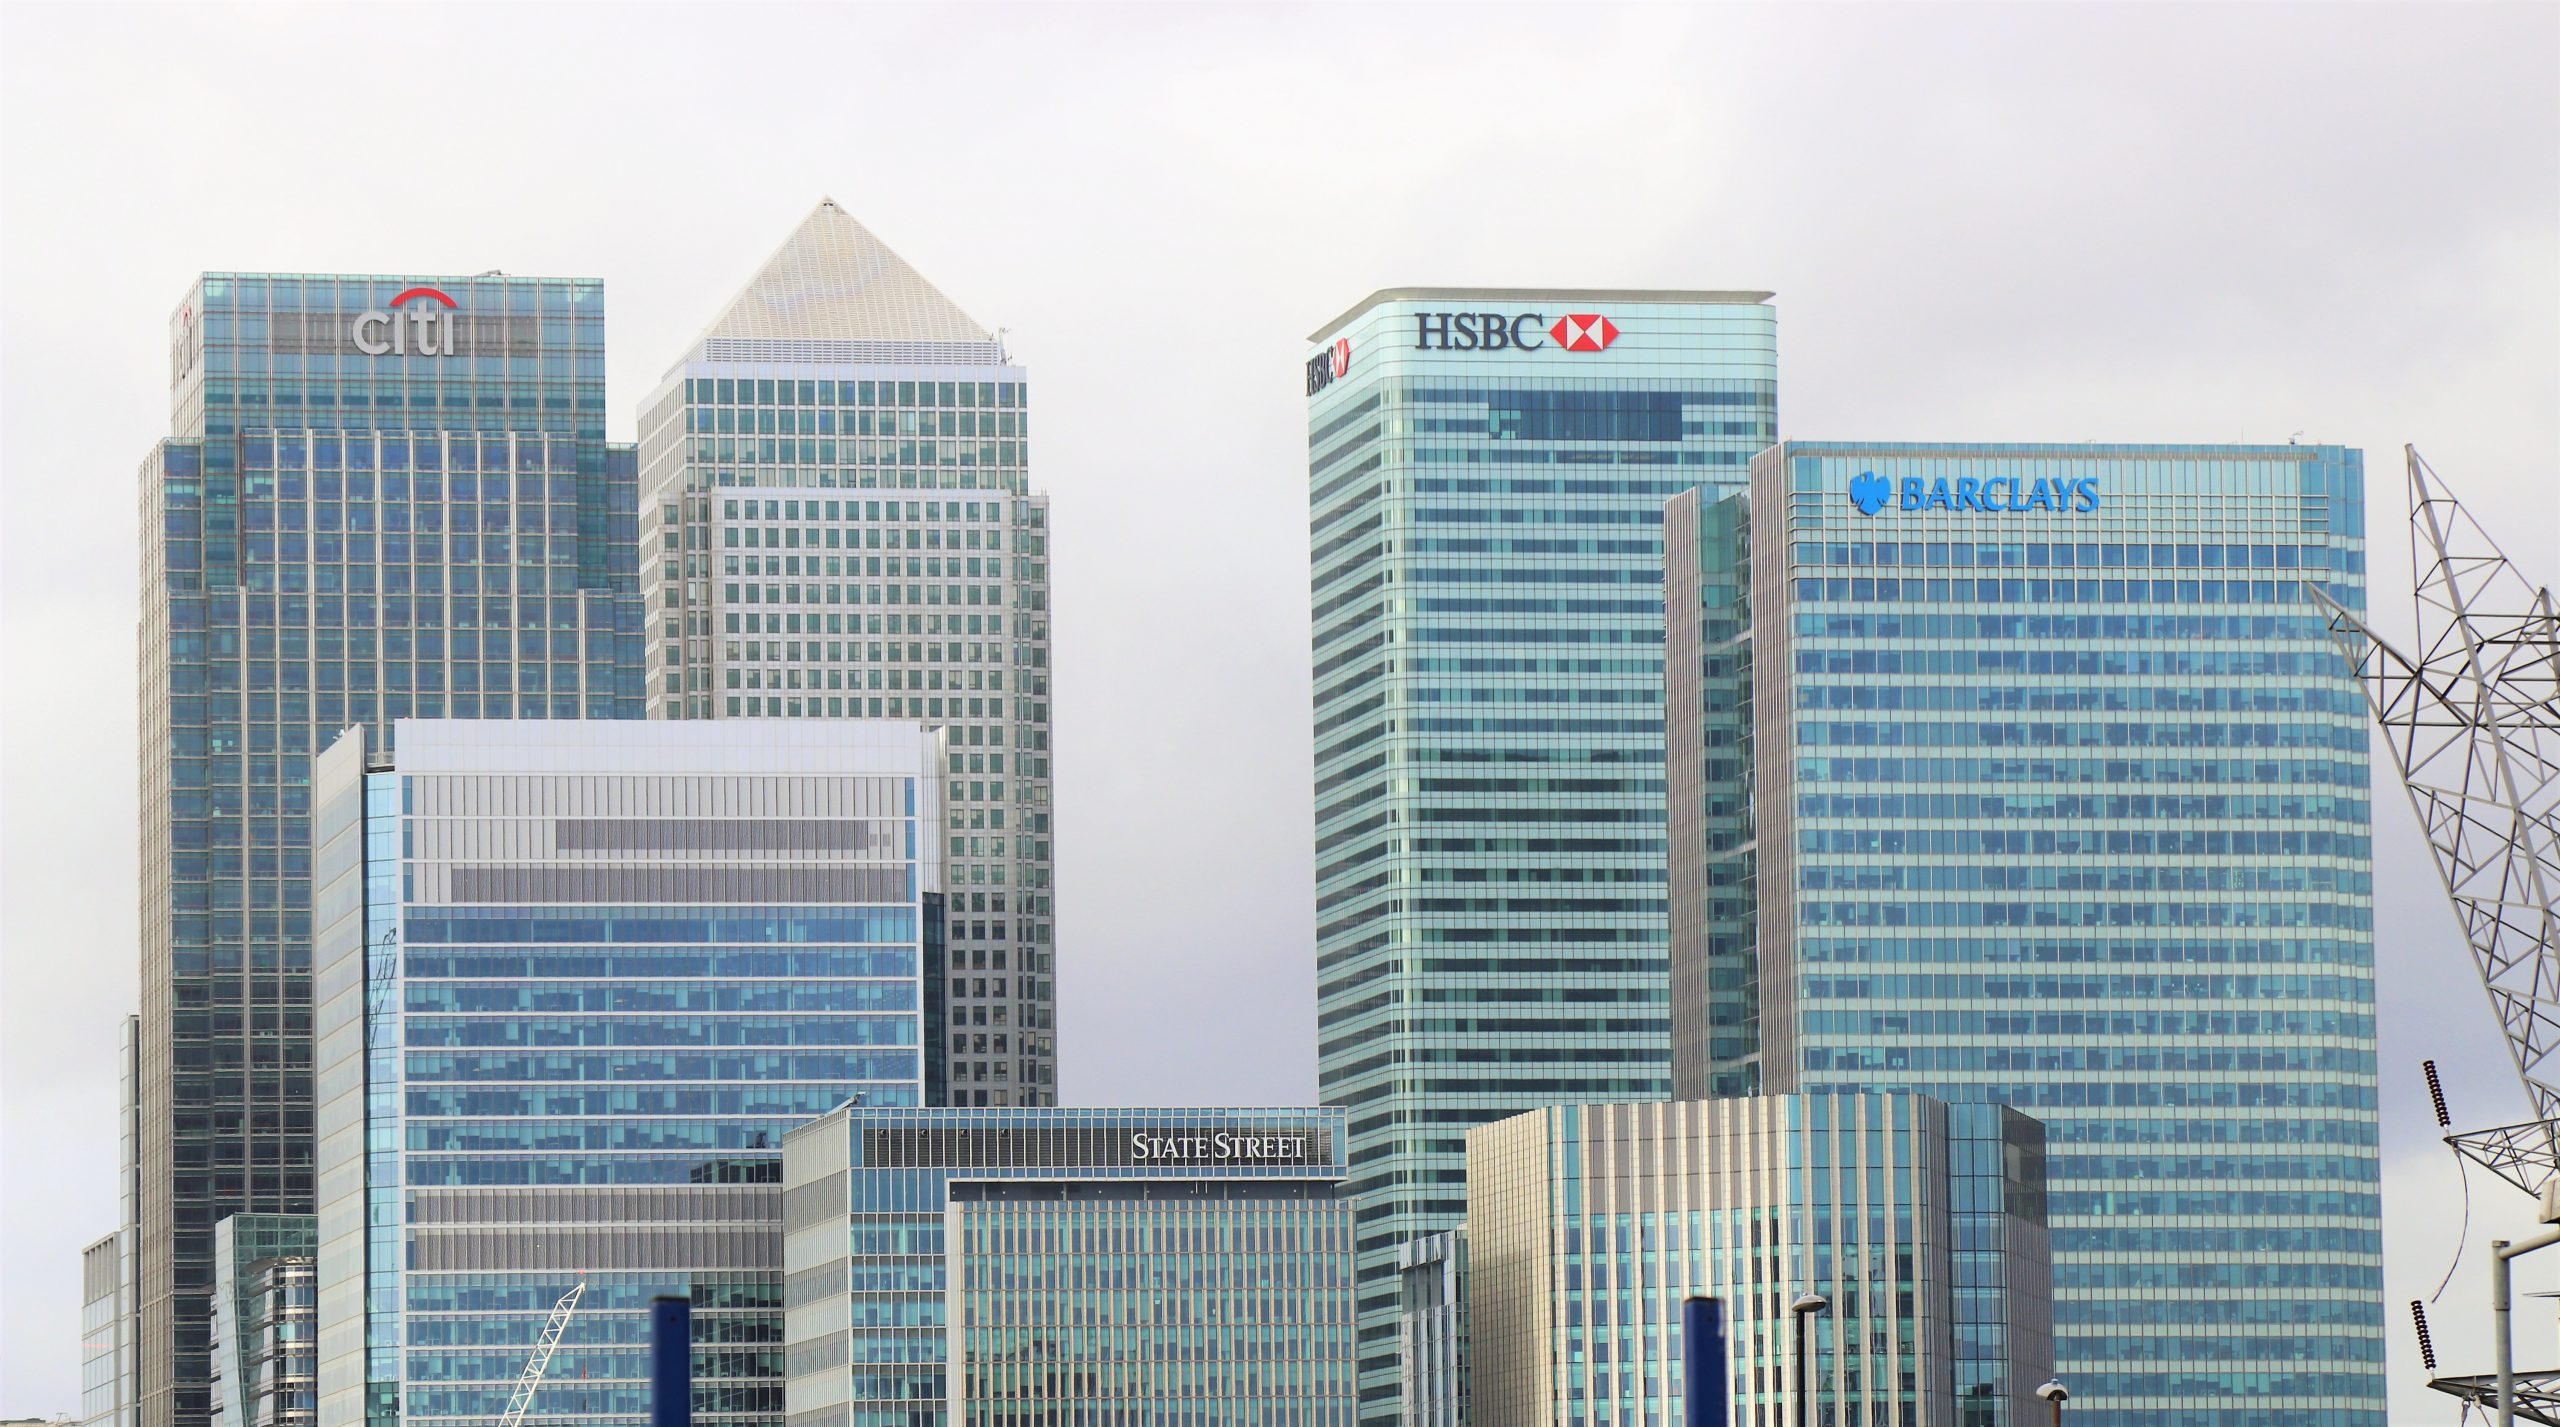 Jak założyć konto w banku Barclays